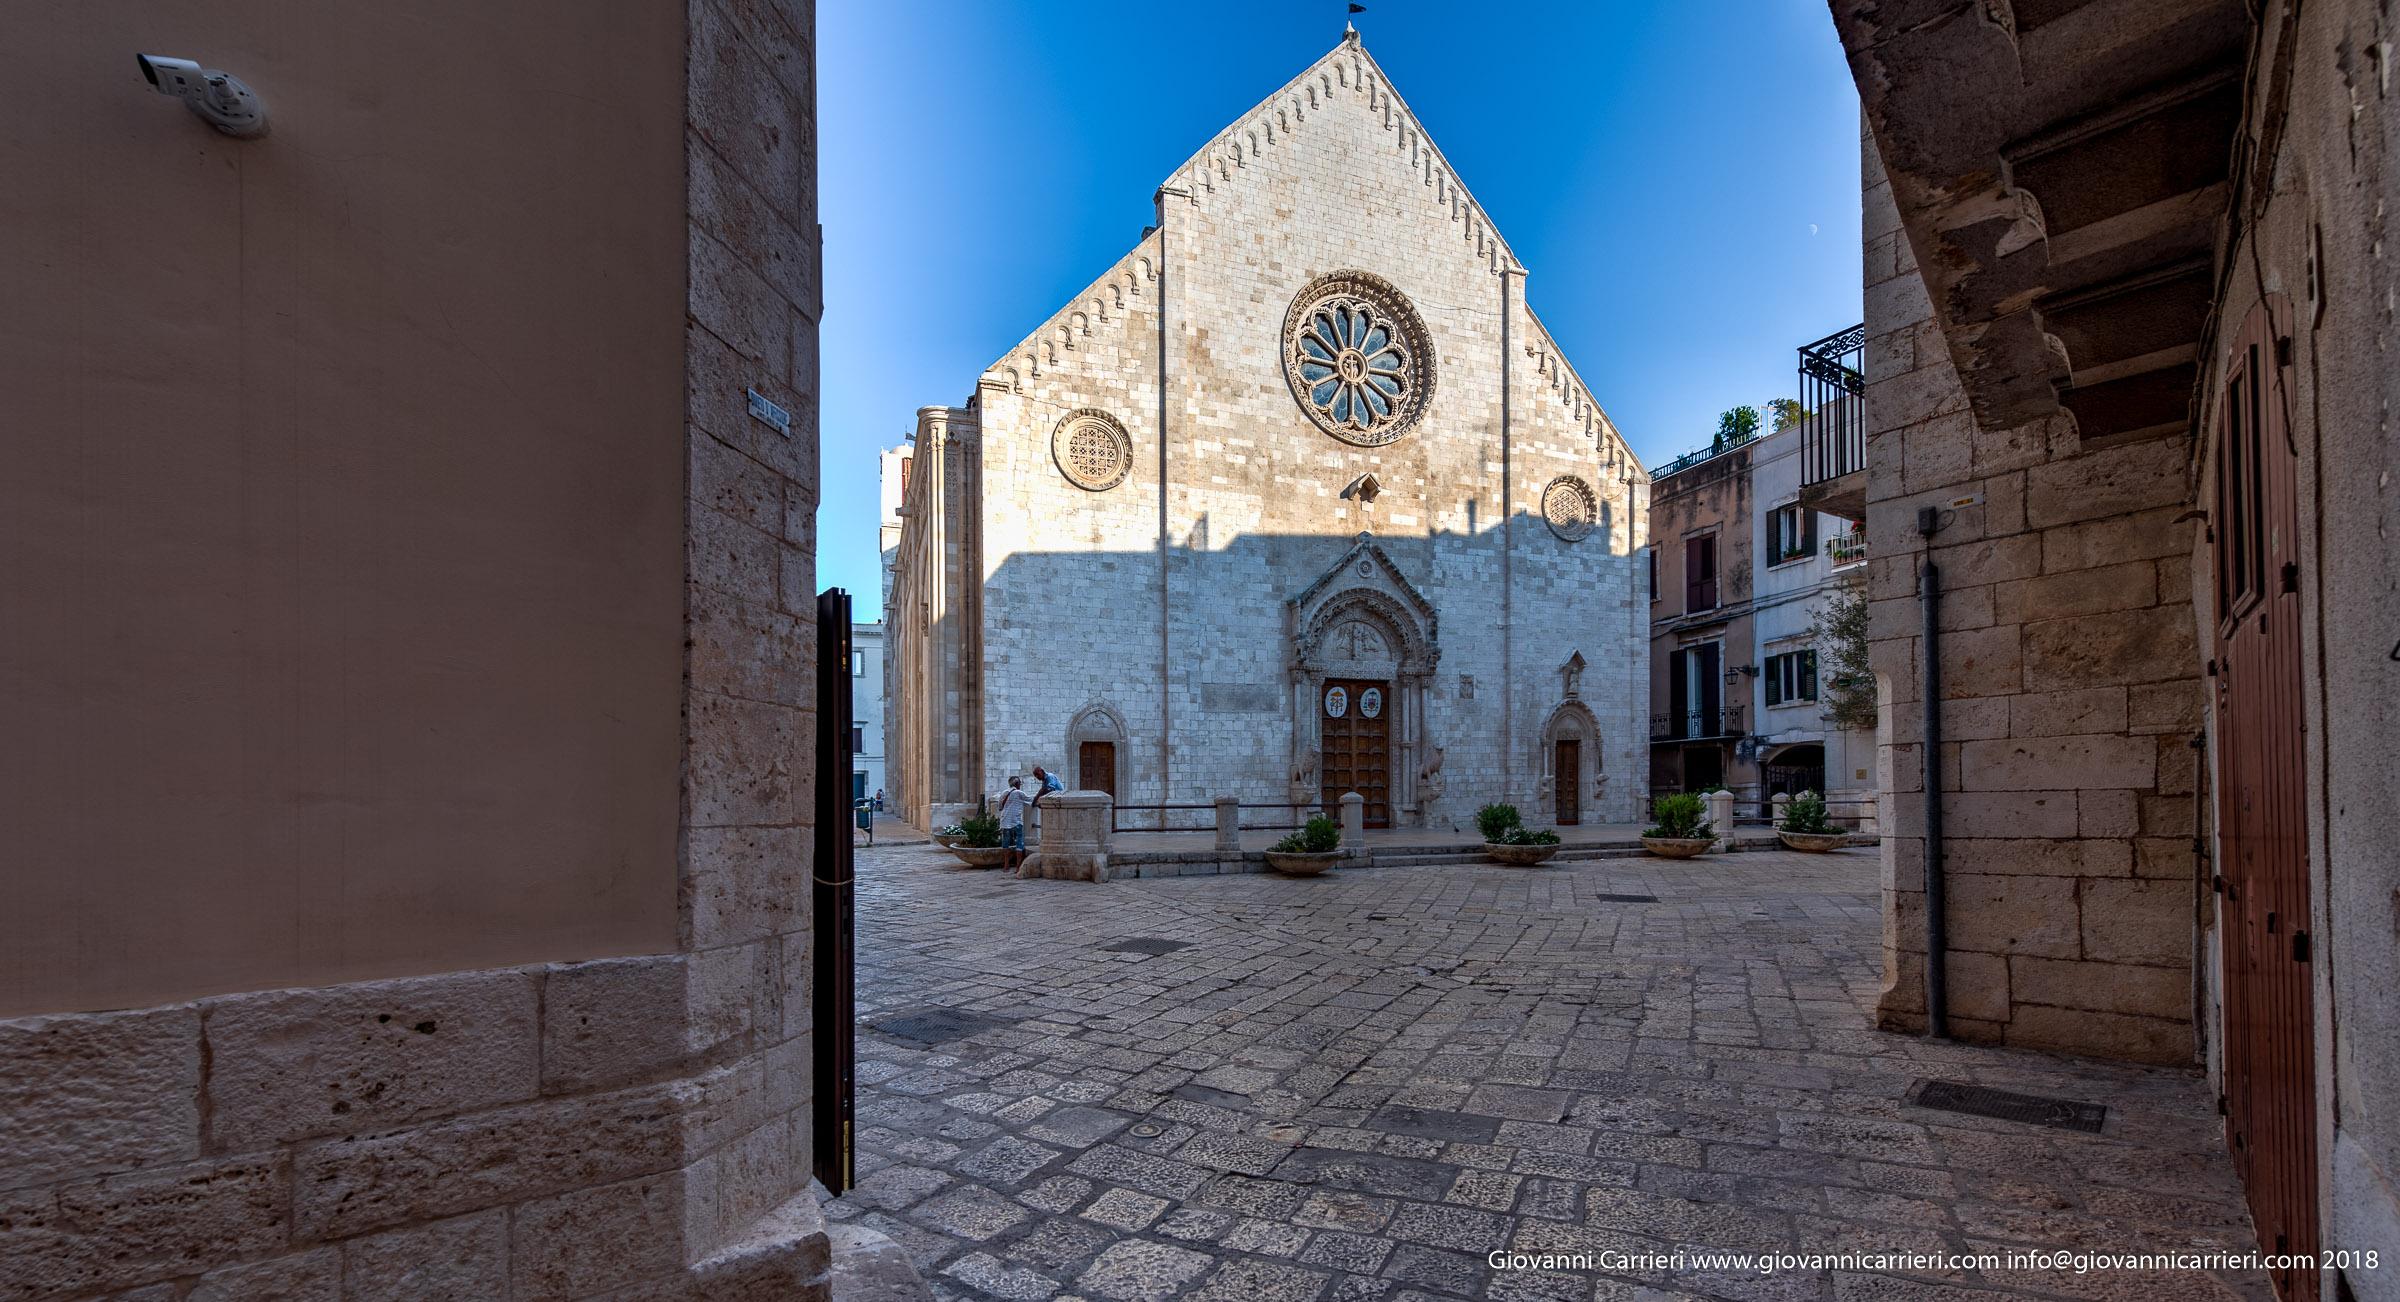 La basilica cattedrale di Santa Maria Assunta